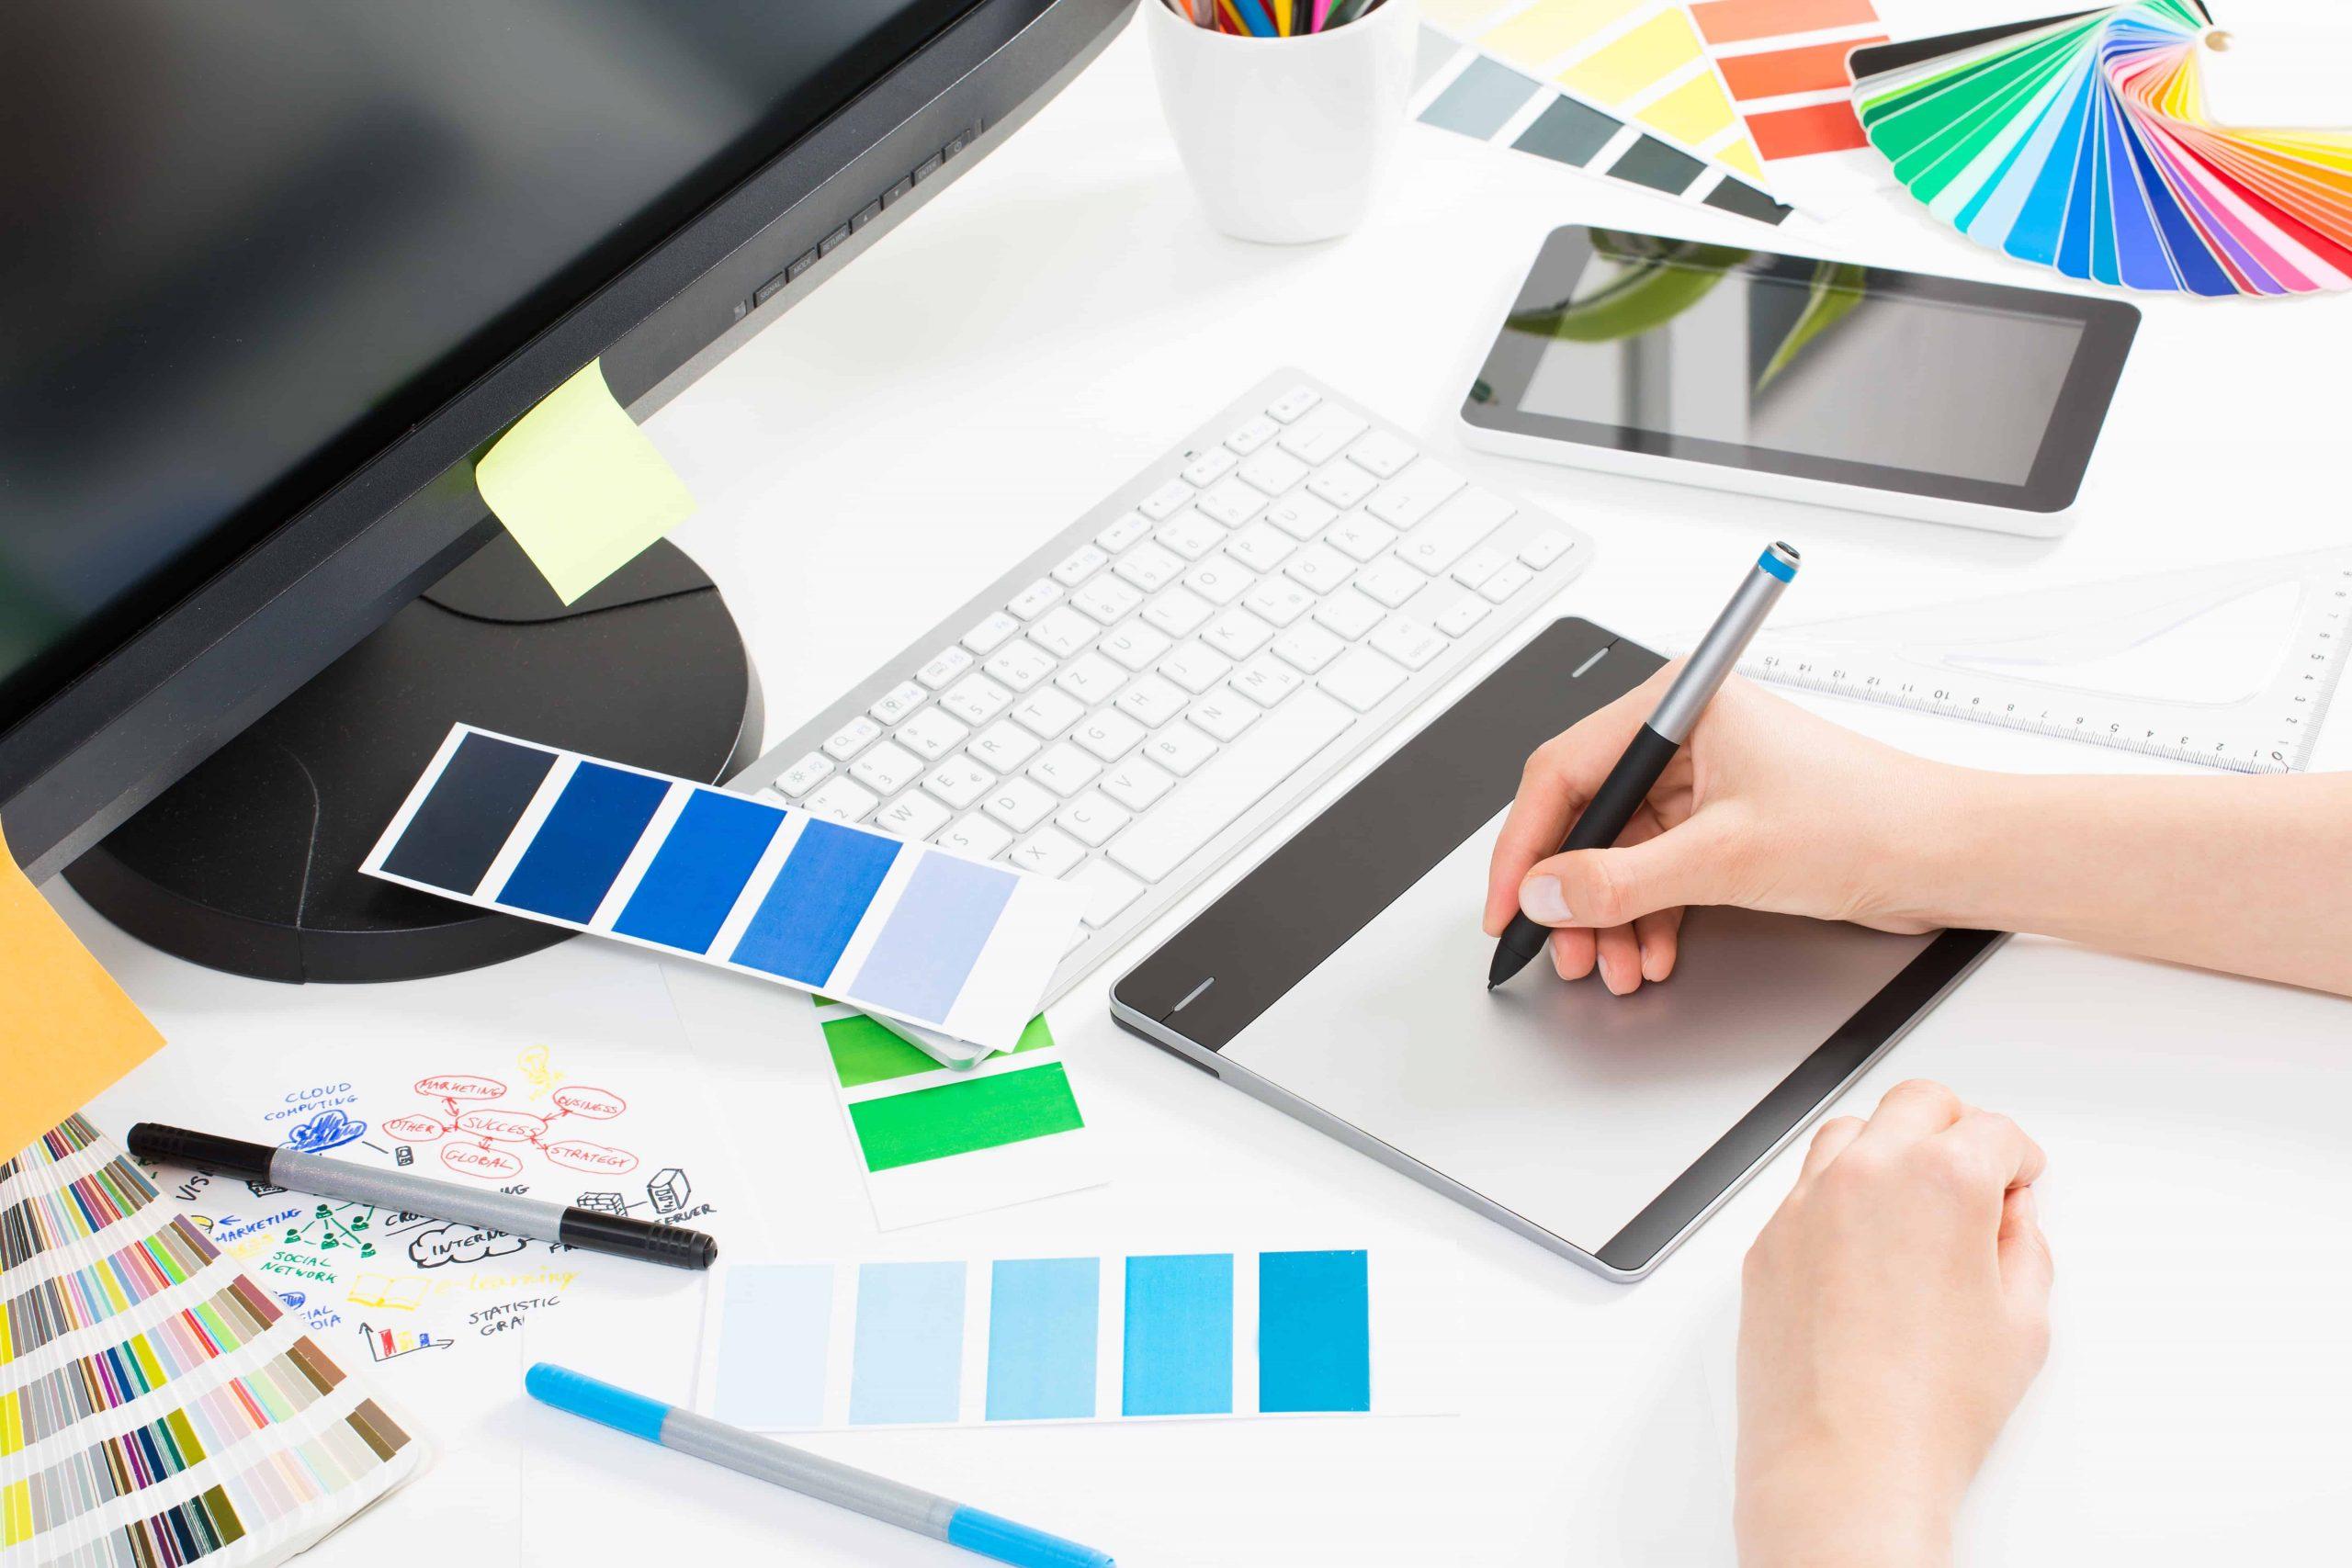 Migliore penna touch 2021: Guida all'acquisto